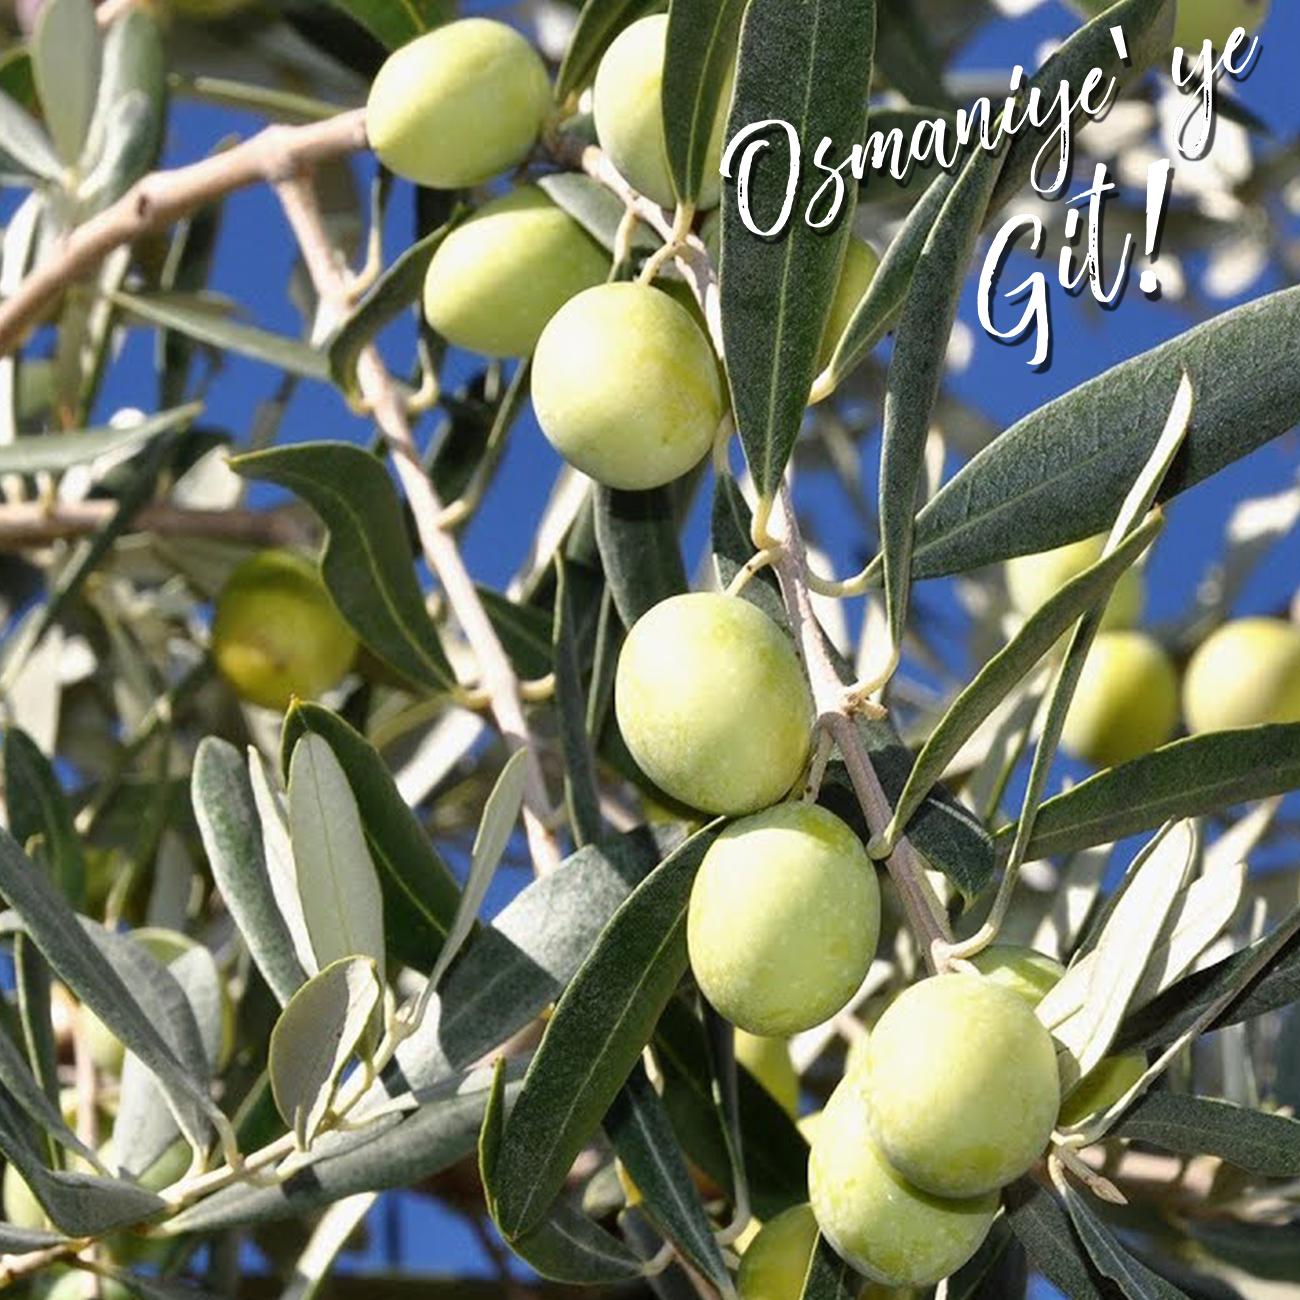 osmaniye zeytinyağı